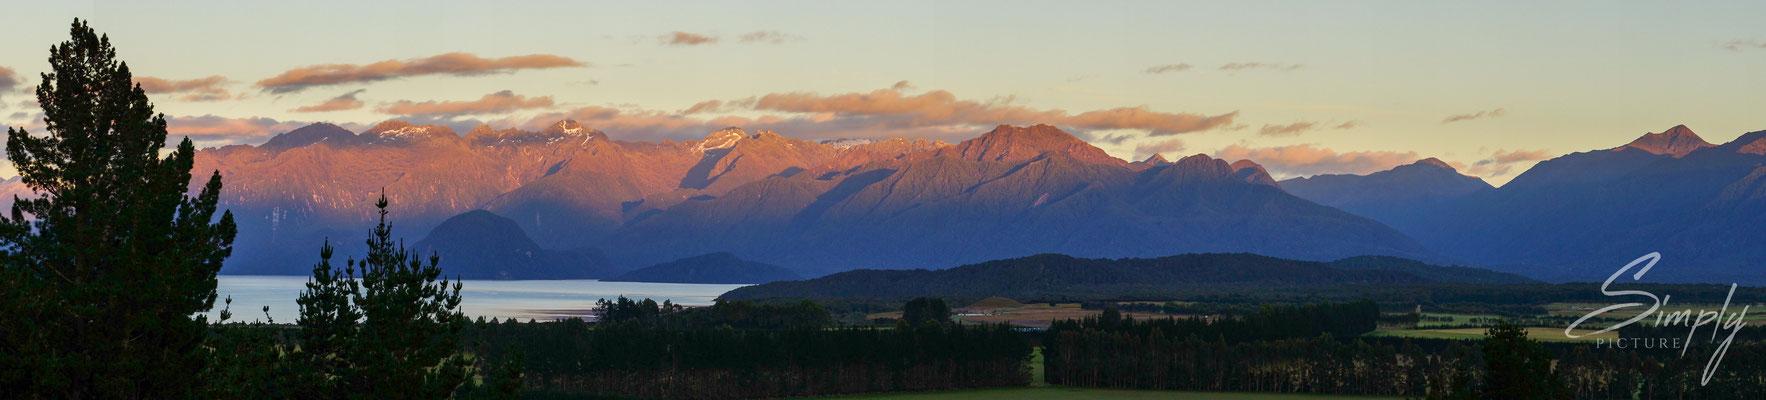 Manapouri, Sonnenaufgang mit der Siluette dem neuseeländischen Alpenpanorama